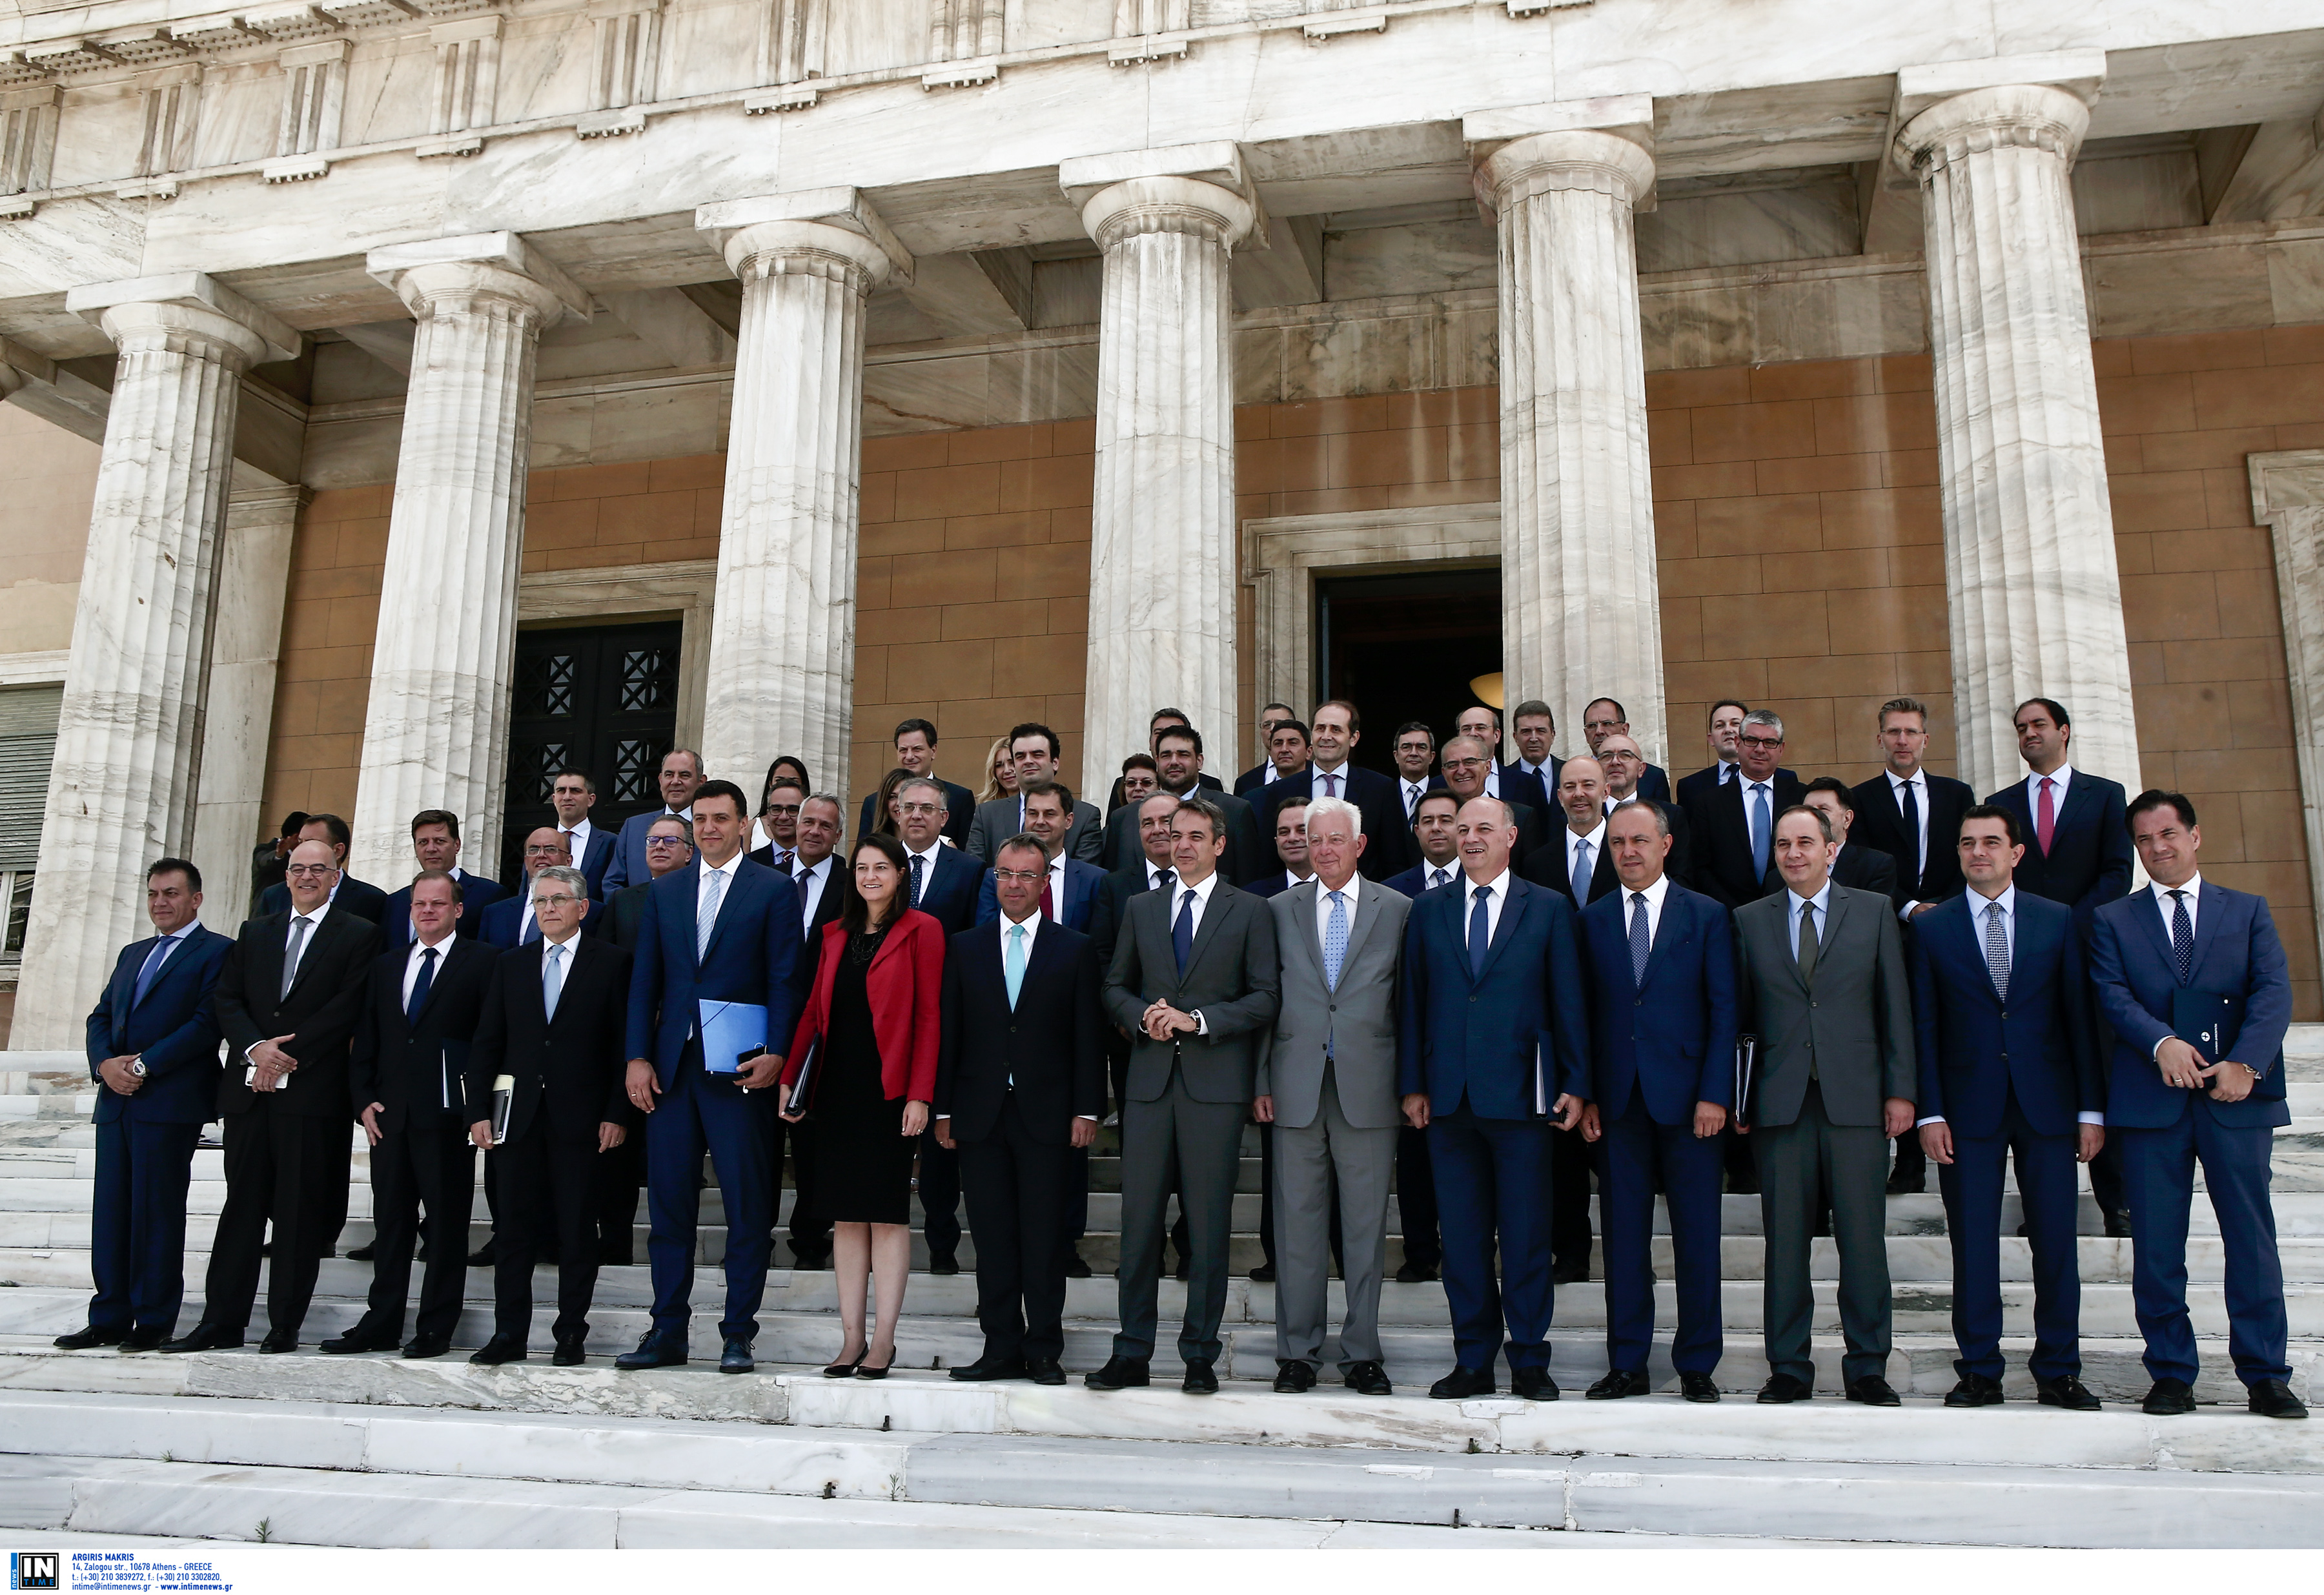 Κυβέρνηση: Γκρίνια βουλευτών για υπουργούς – Ποιοι μπαίνουν στο στόχαστρο